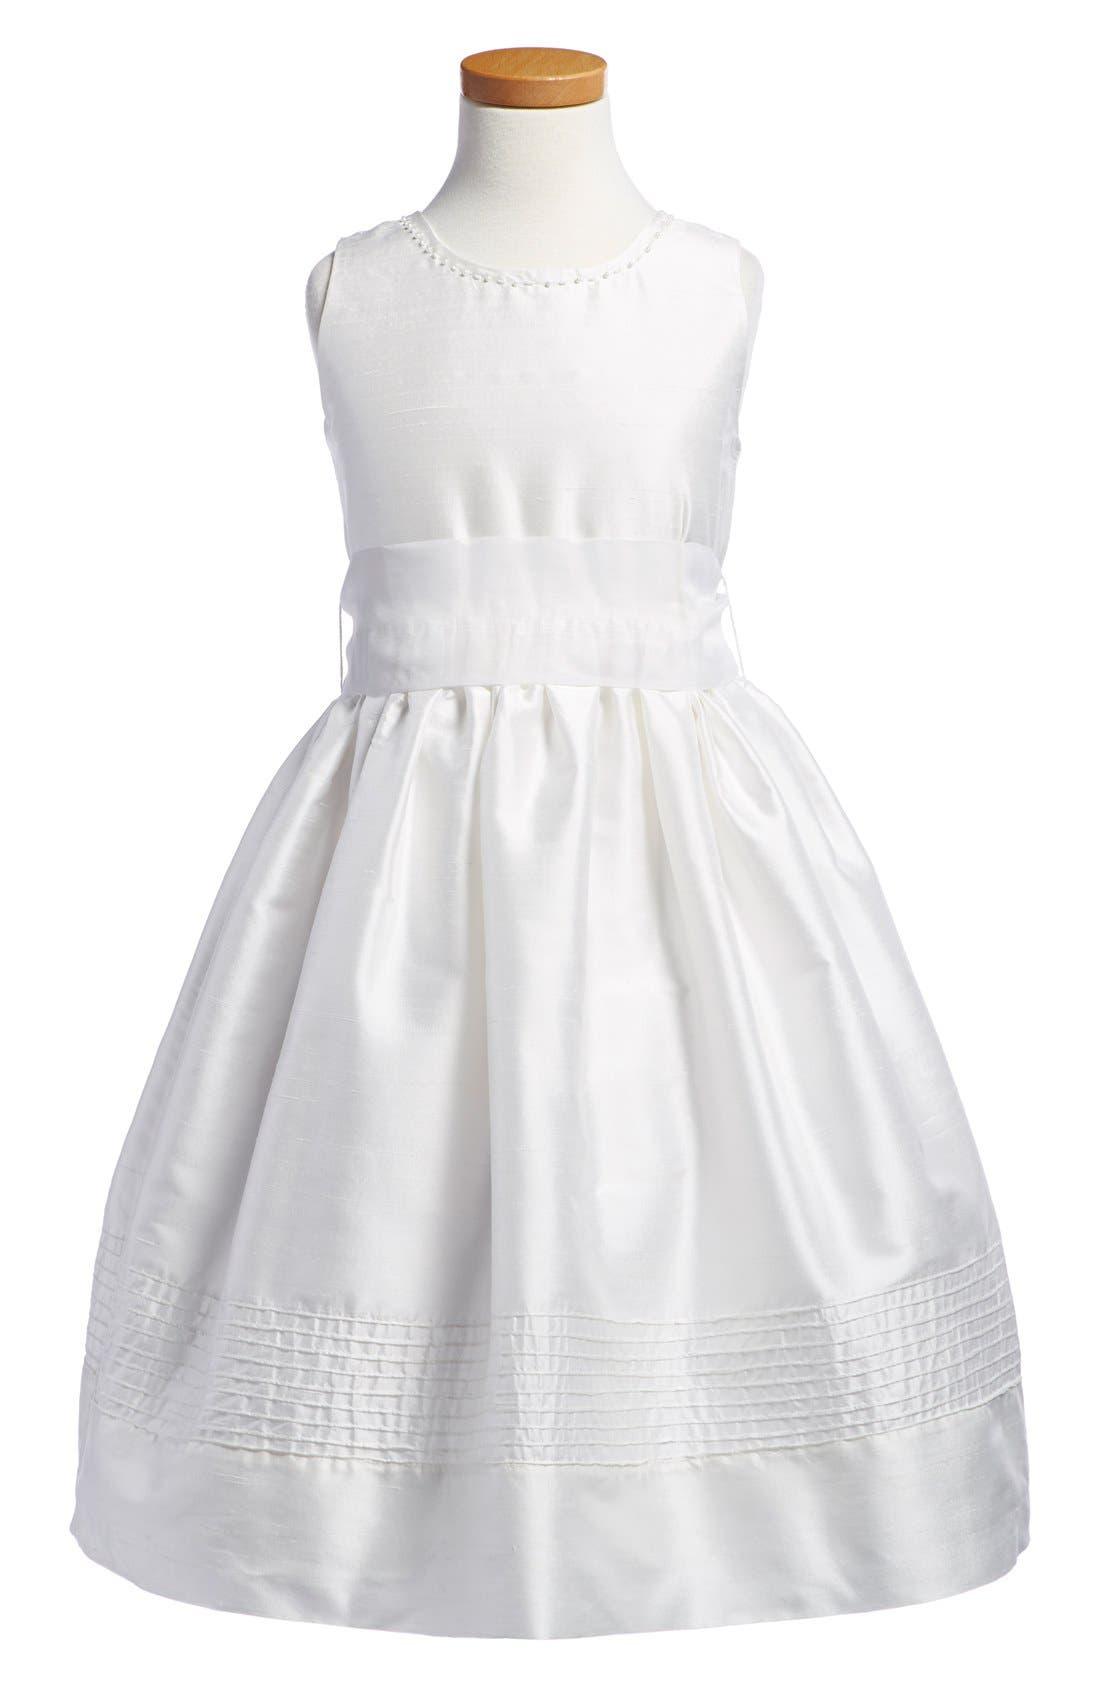 Isabel Garreton 'Melody' Sleeveless Dress (Toddler Girls)